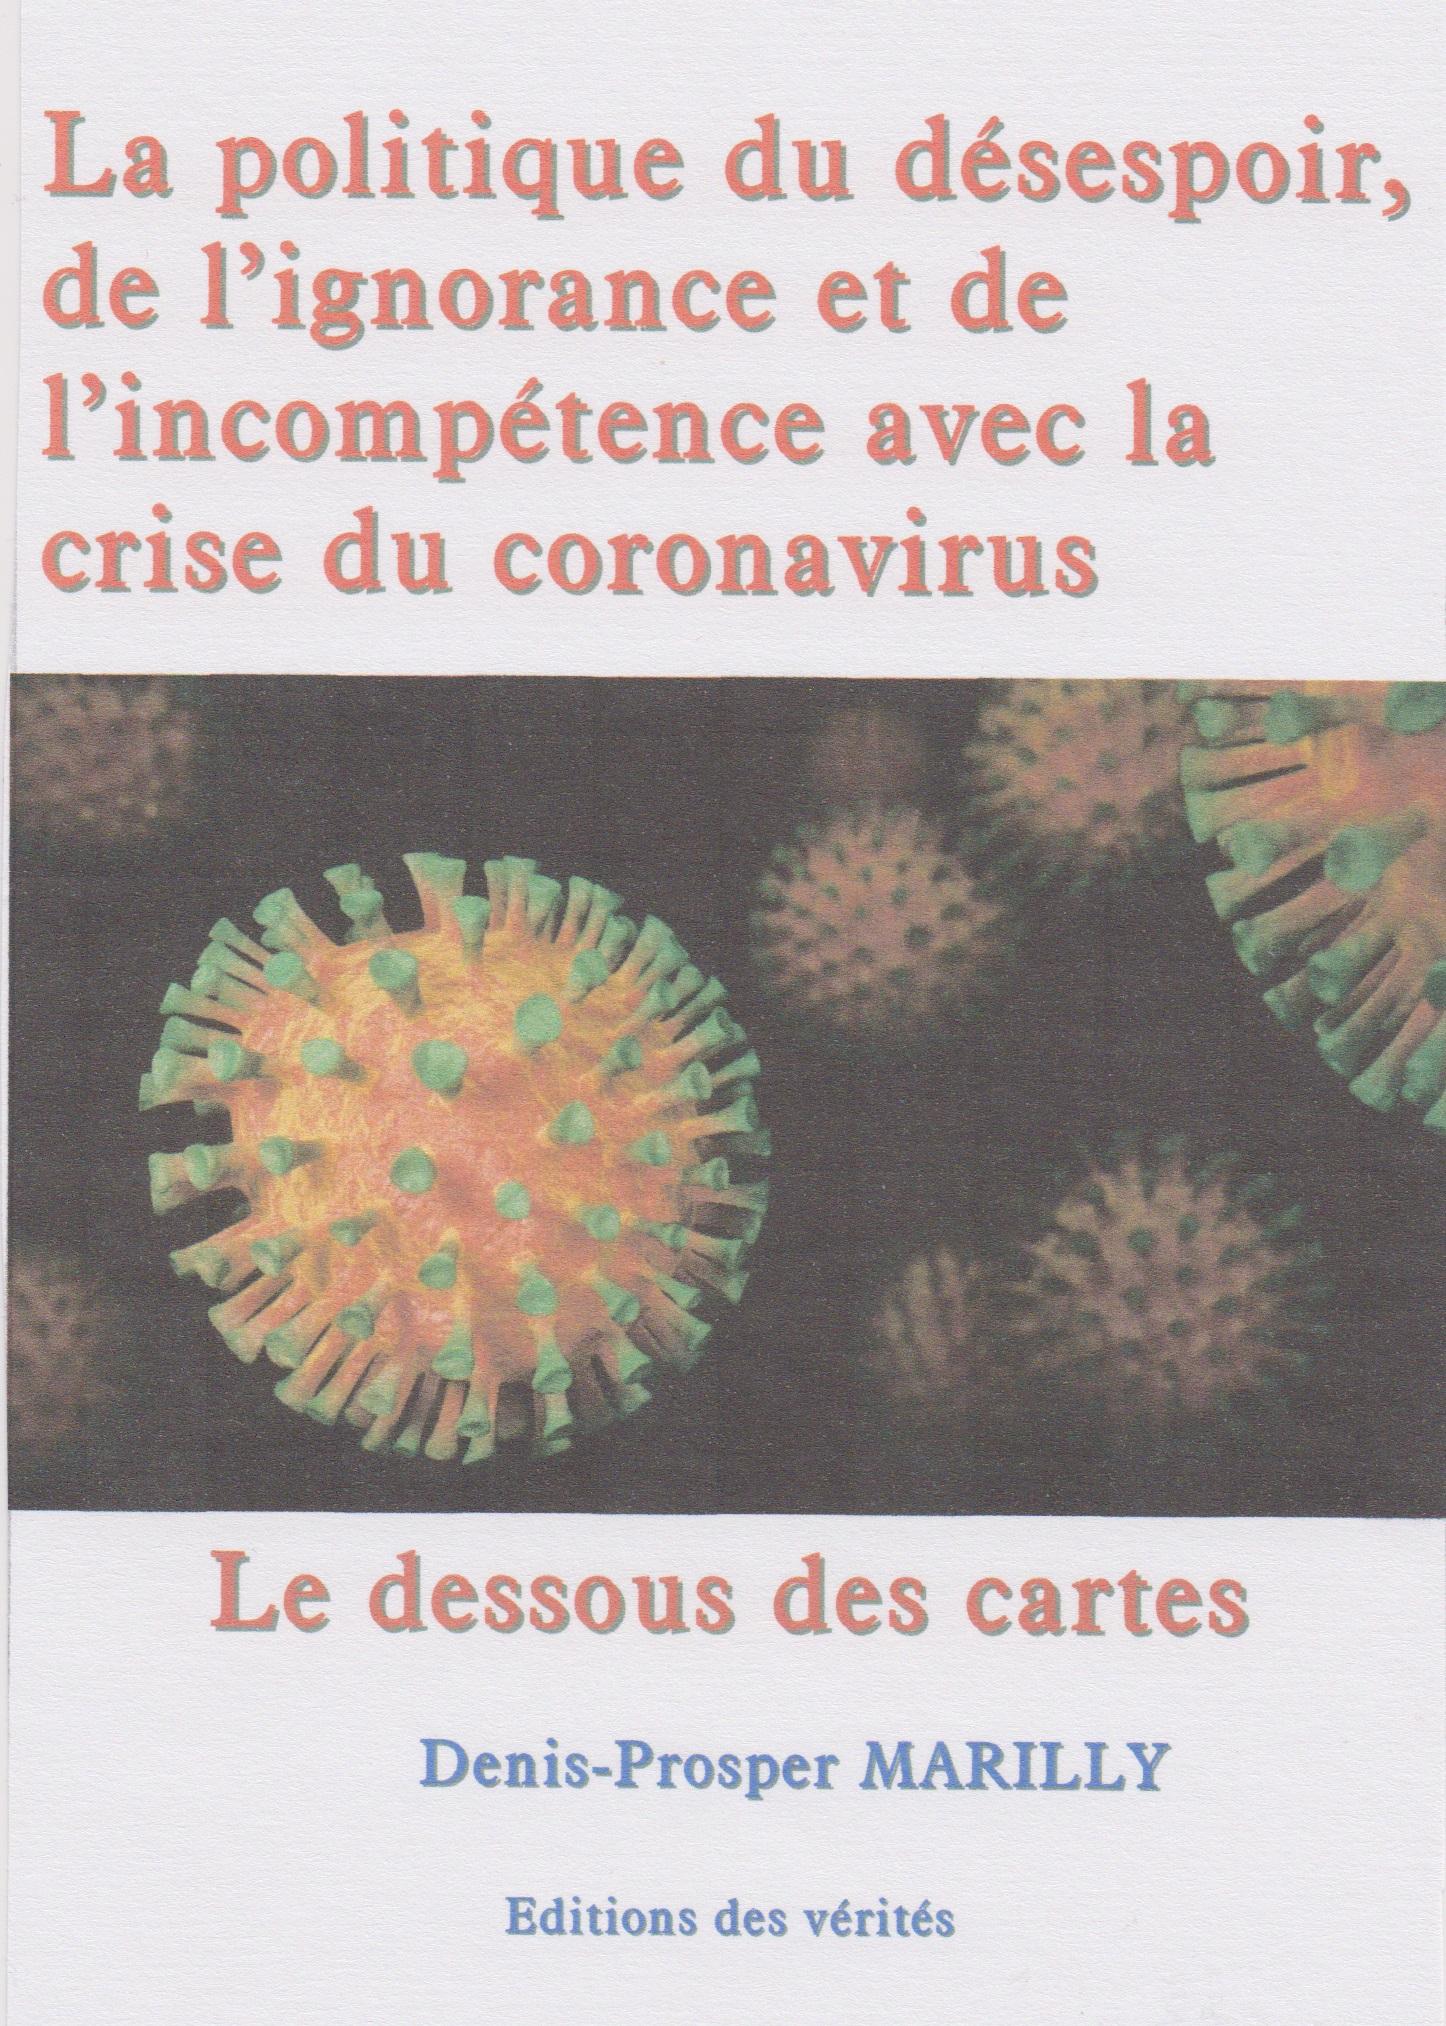 La politique du désespoir, de l'ignorance et de l'incompétence avec la crise du coronavirus - Denis-Prosper Marilly